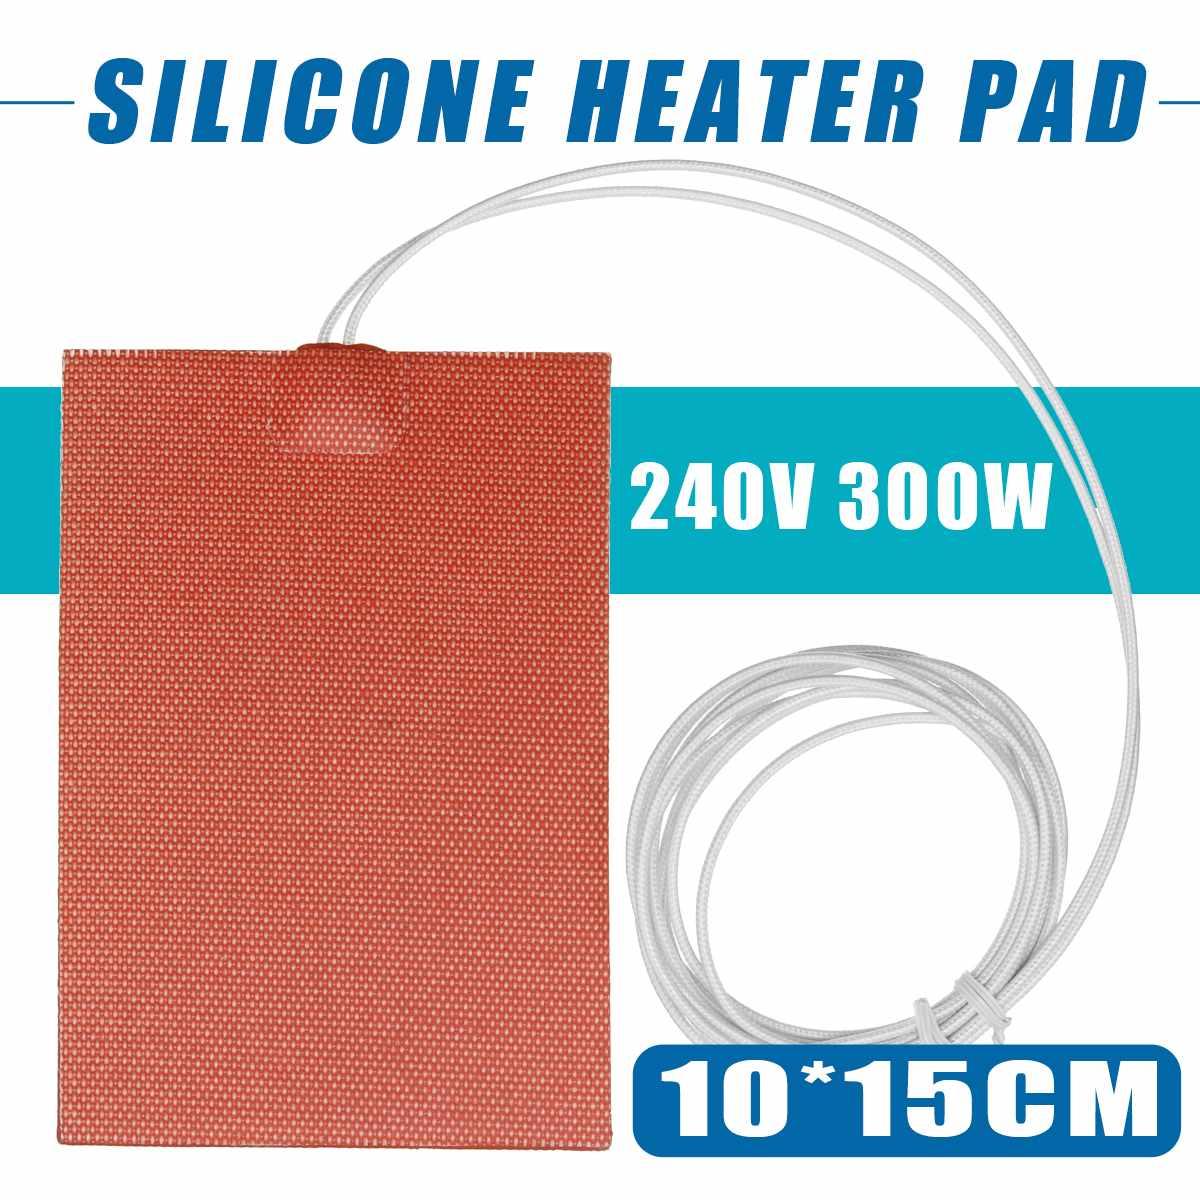 100X150mm 300W 240V силиконовый нагреватель двигателя блок масляный поддон гидравлический бак нагревательная пластина Нагреватель Pad/мат w/3 PSA